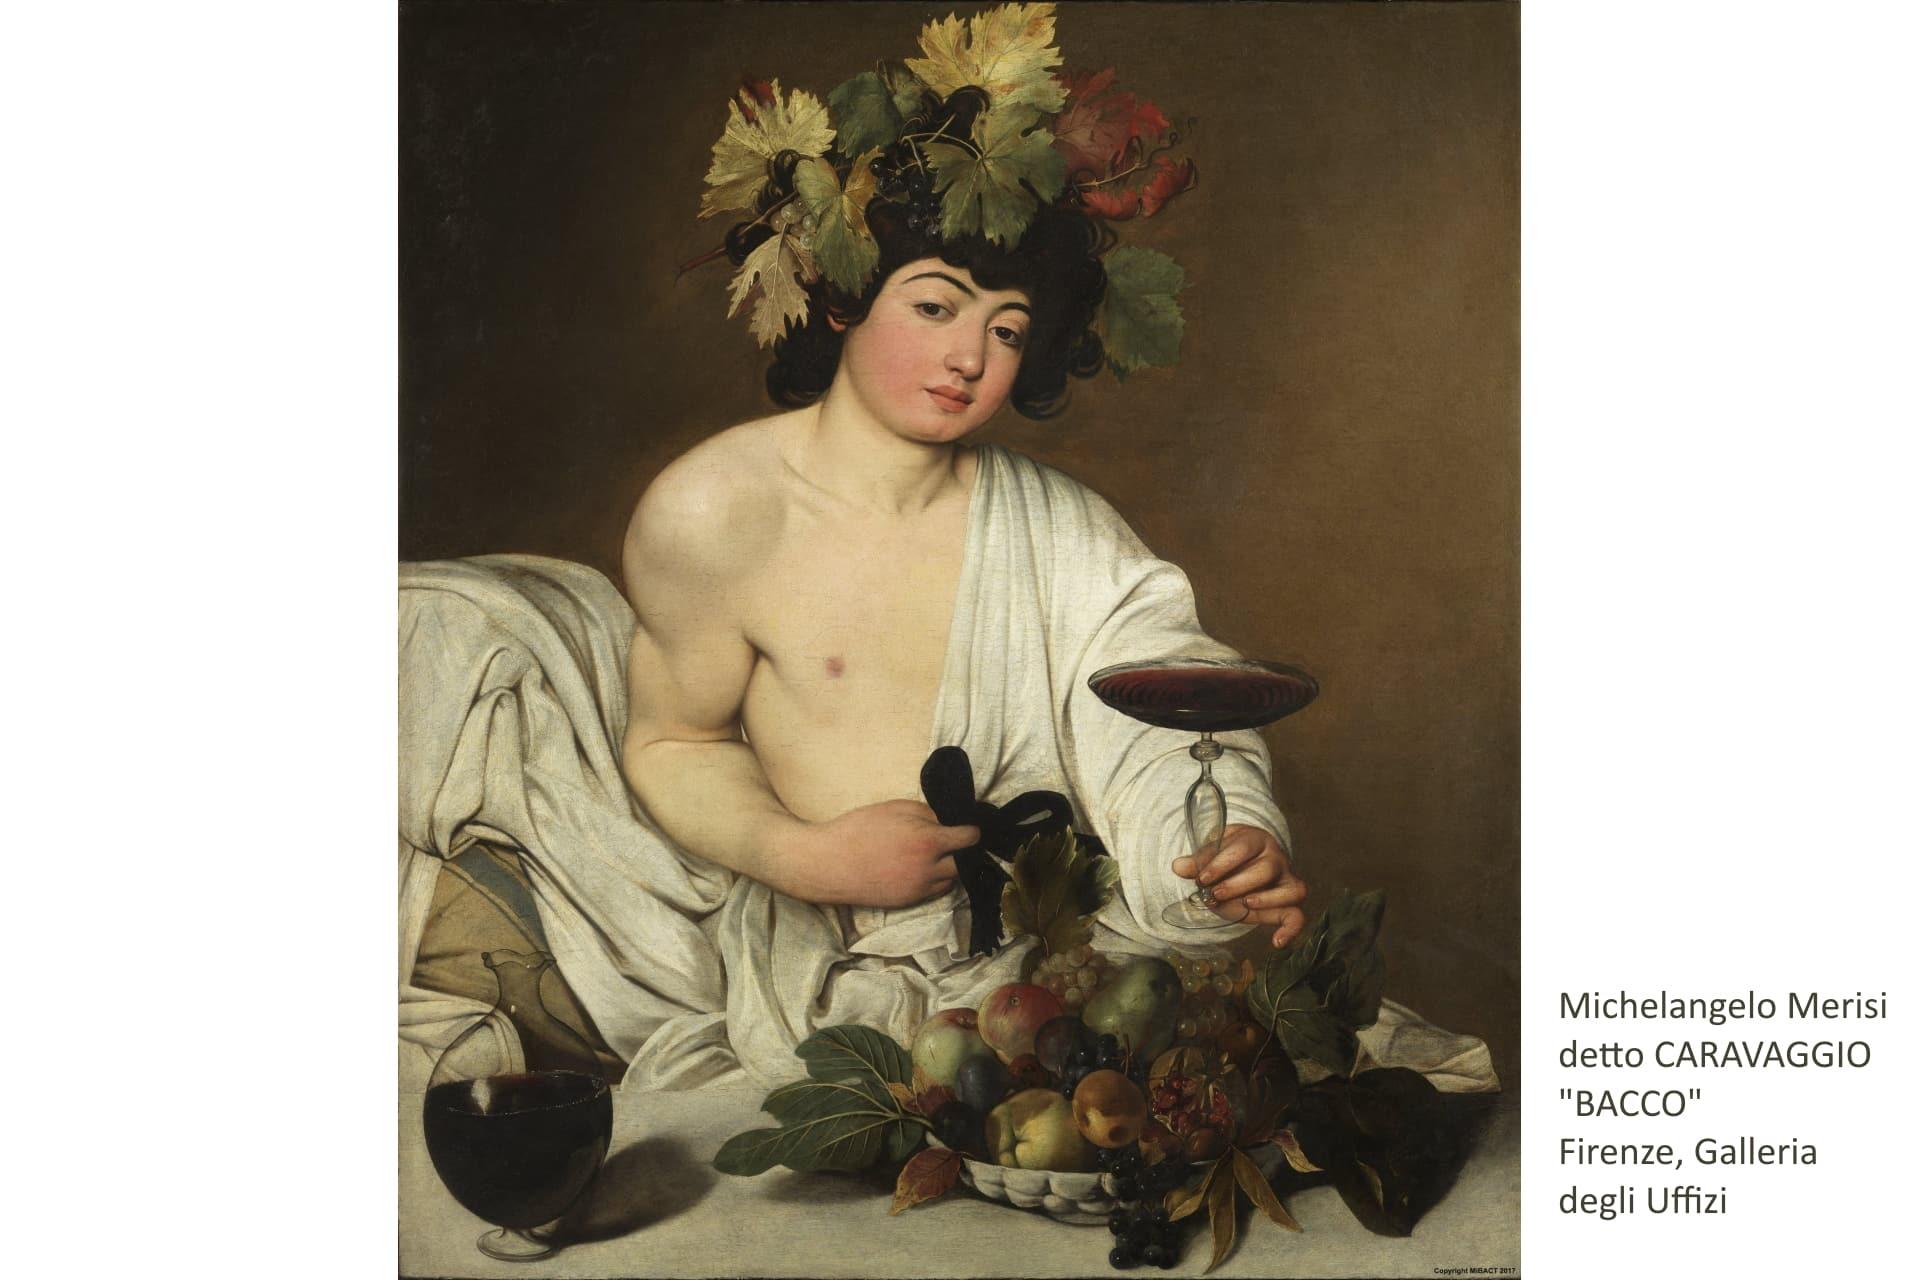 Michelangelo Merisi detto Caravaggio - Bacco - Firenze, Galleria degli Uffizi